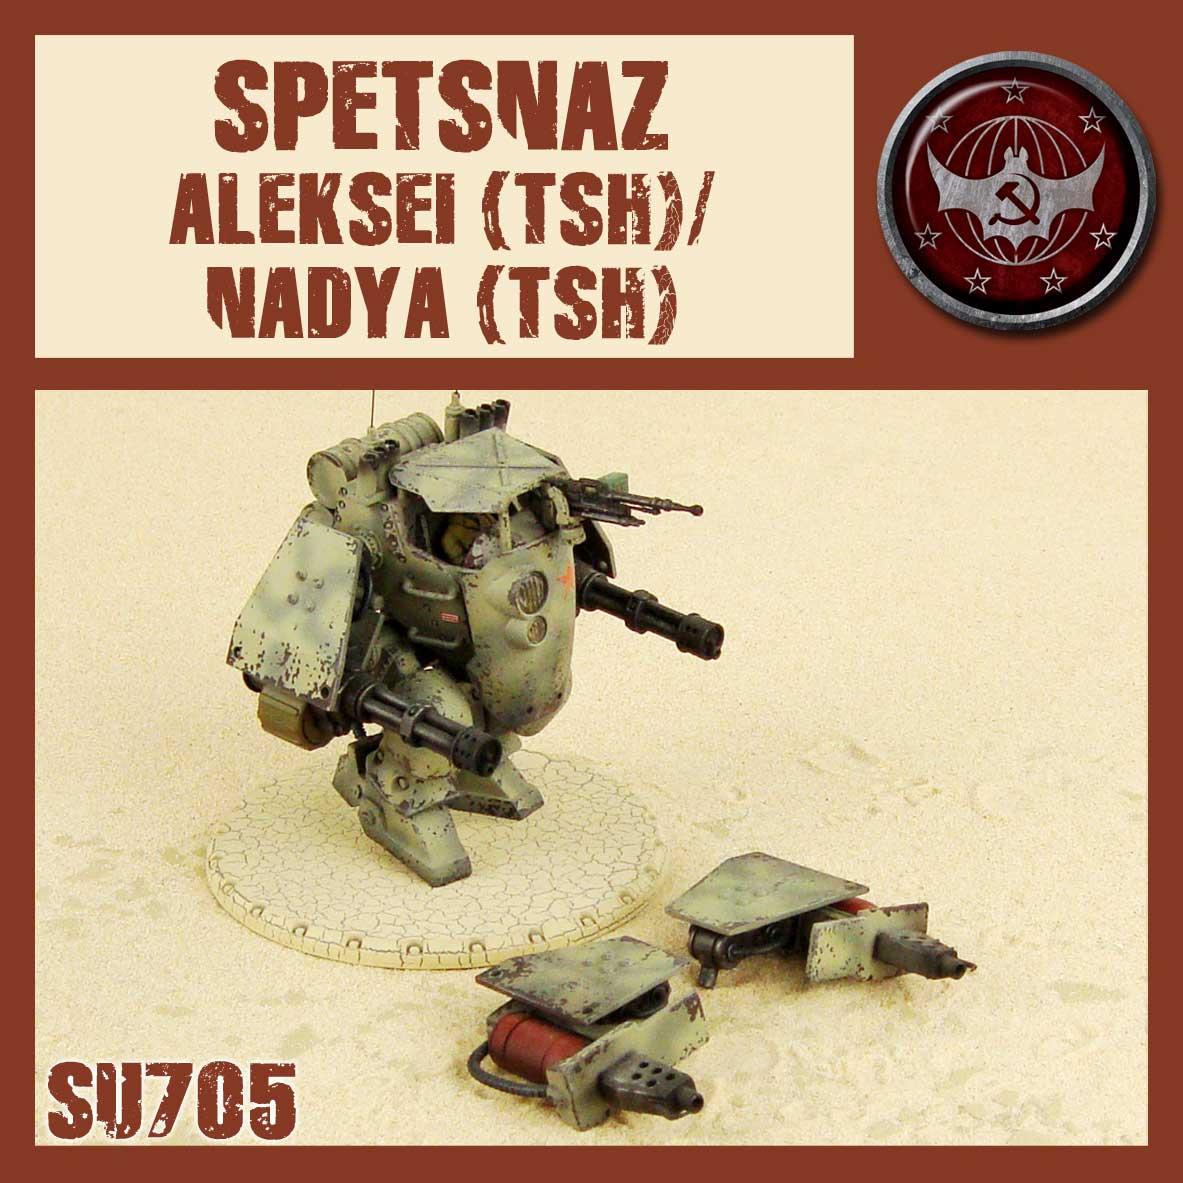 Spetsnaz medium walker with Dual gatling gun or Dual flamers. The Nadya TSH was never released before.